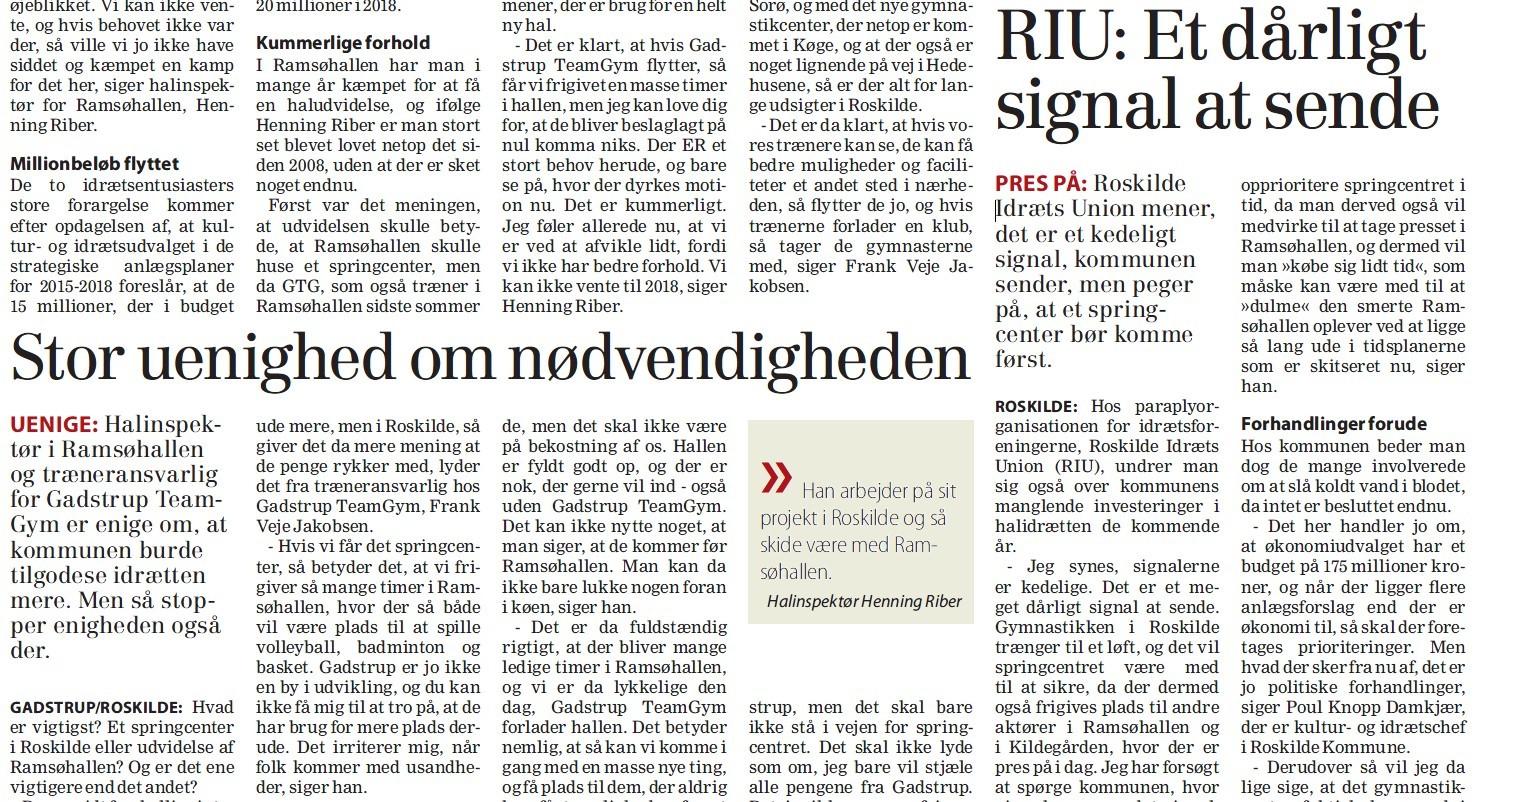 Dagbladet 24-06-2014-1